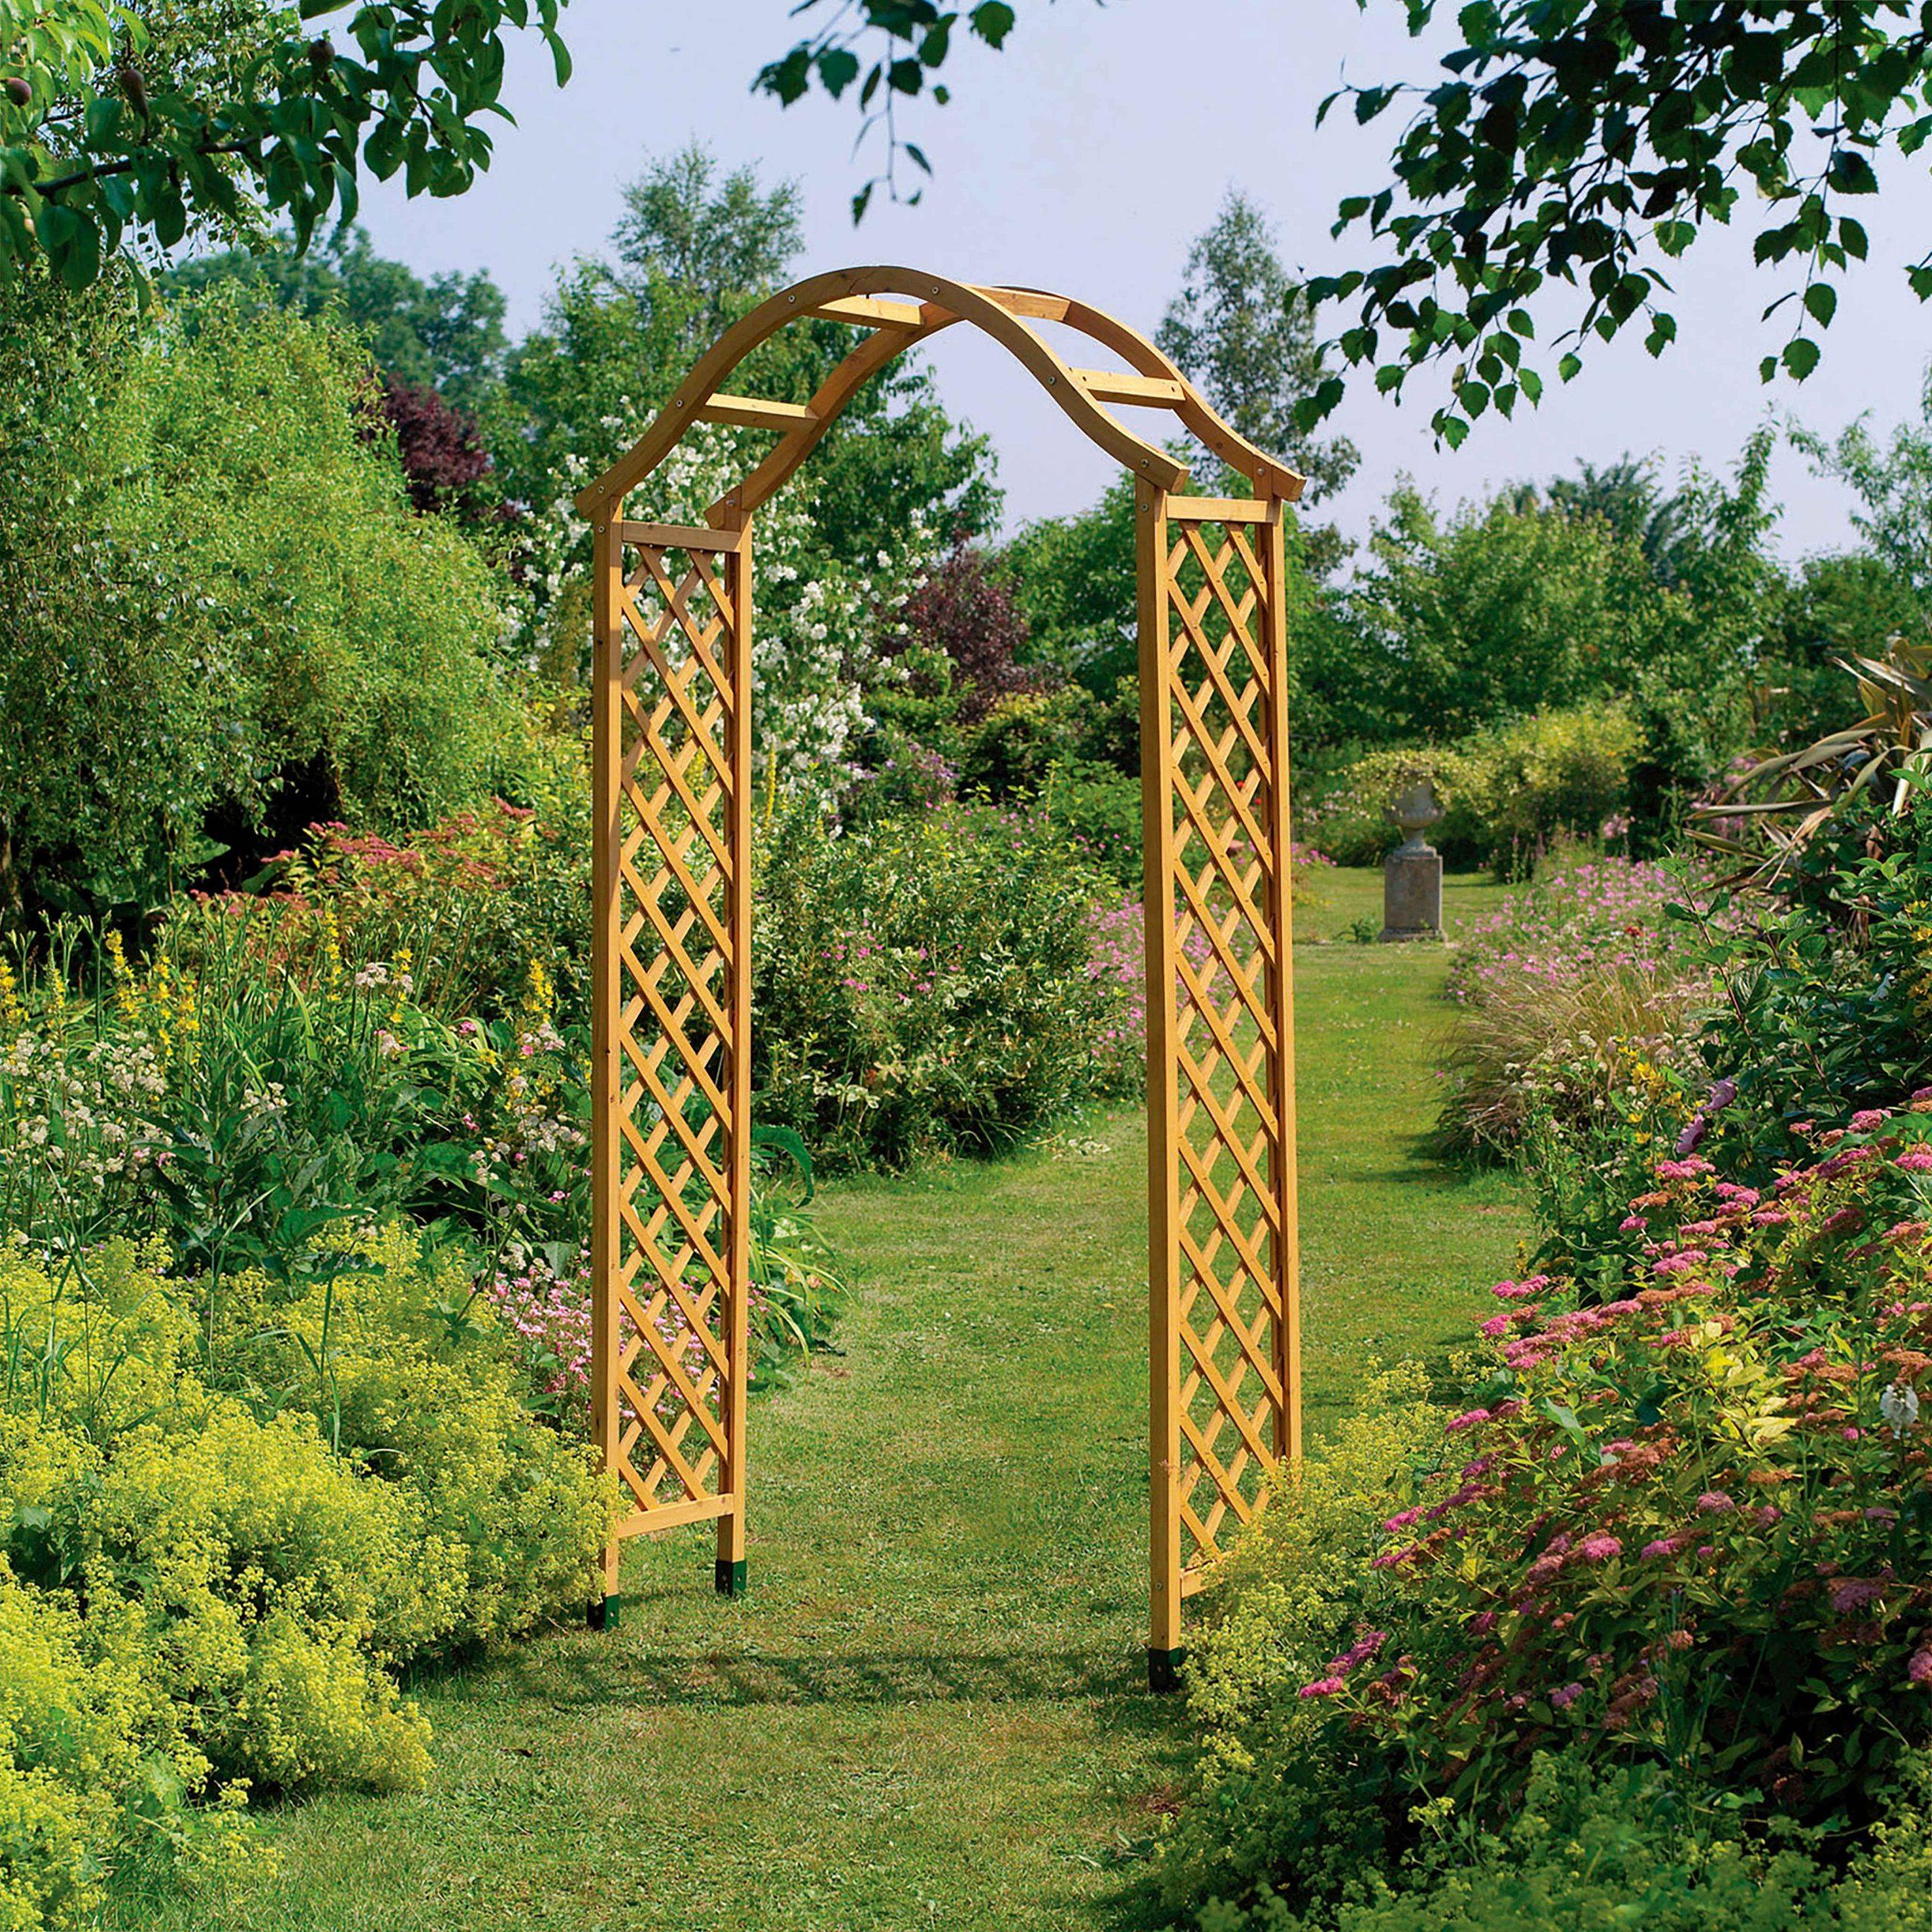 Arche De Jardin Treillis Bois H:2.2M intérieur Arche Jardin Bois